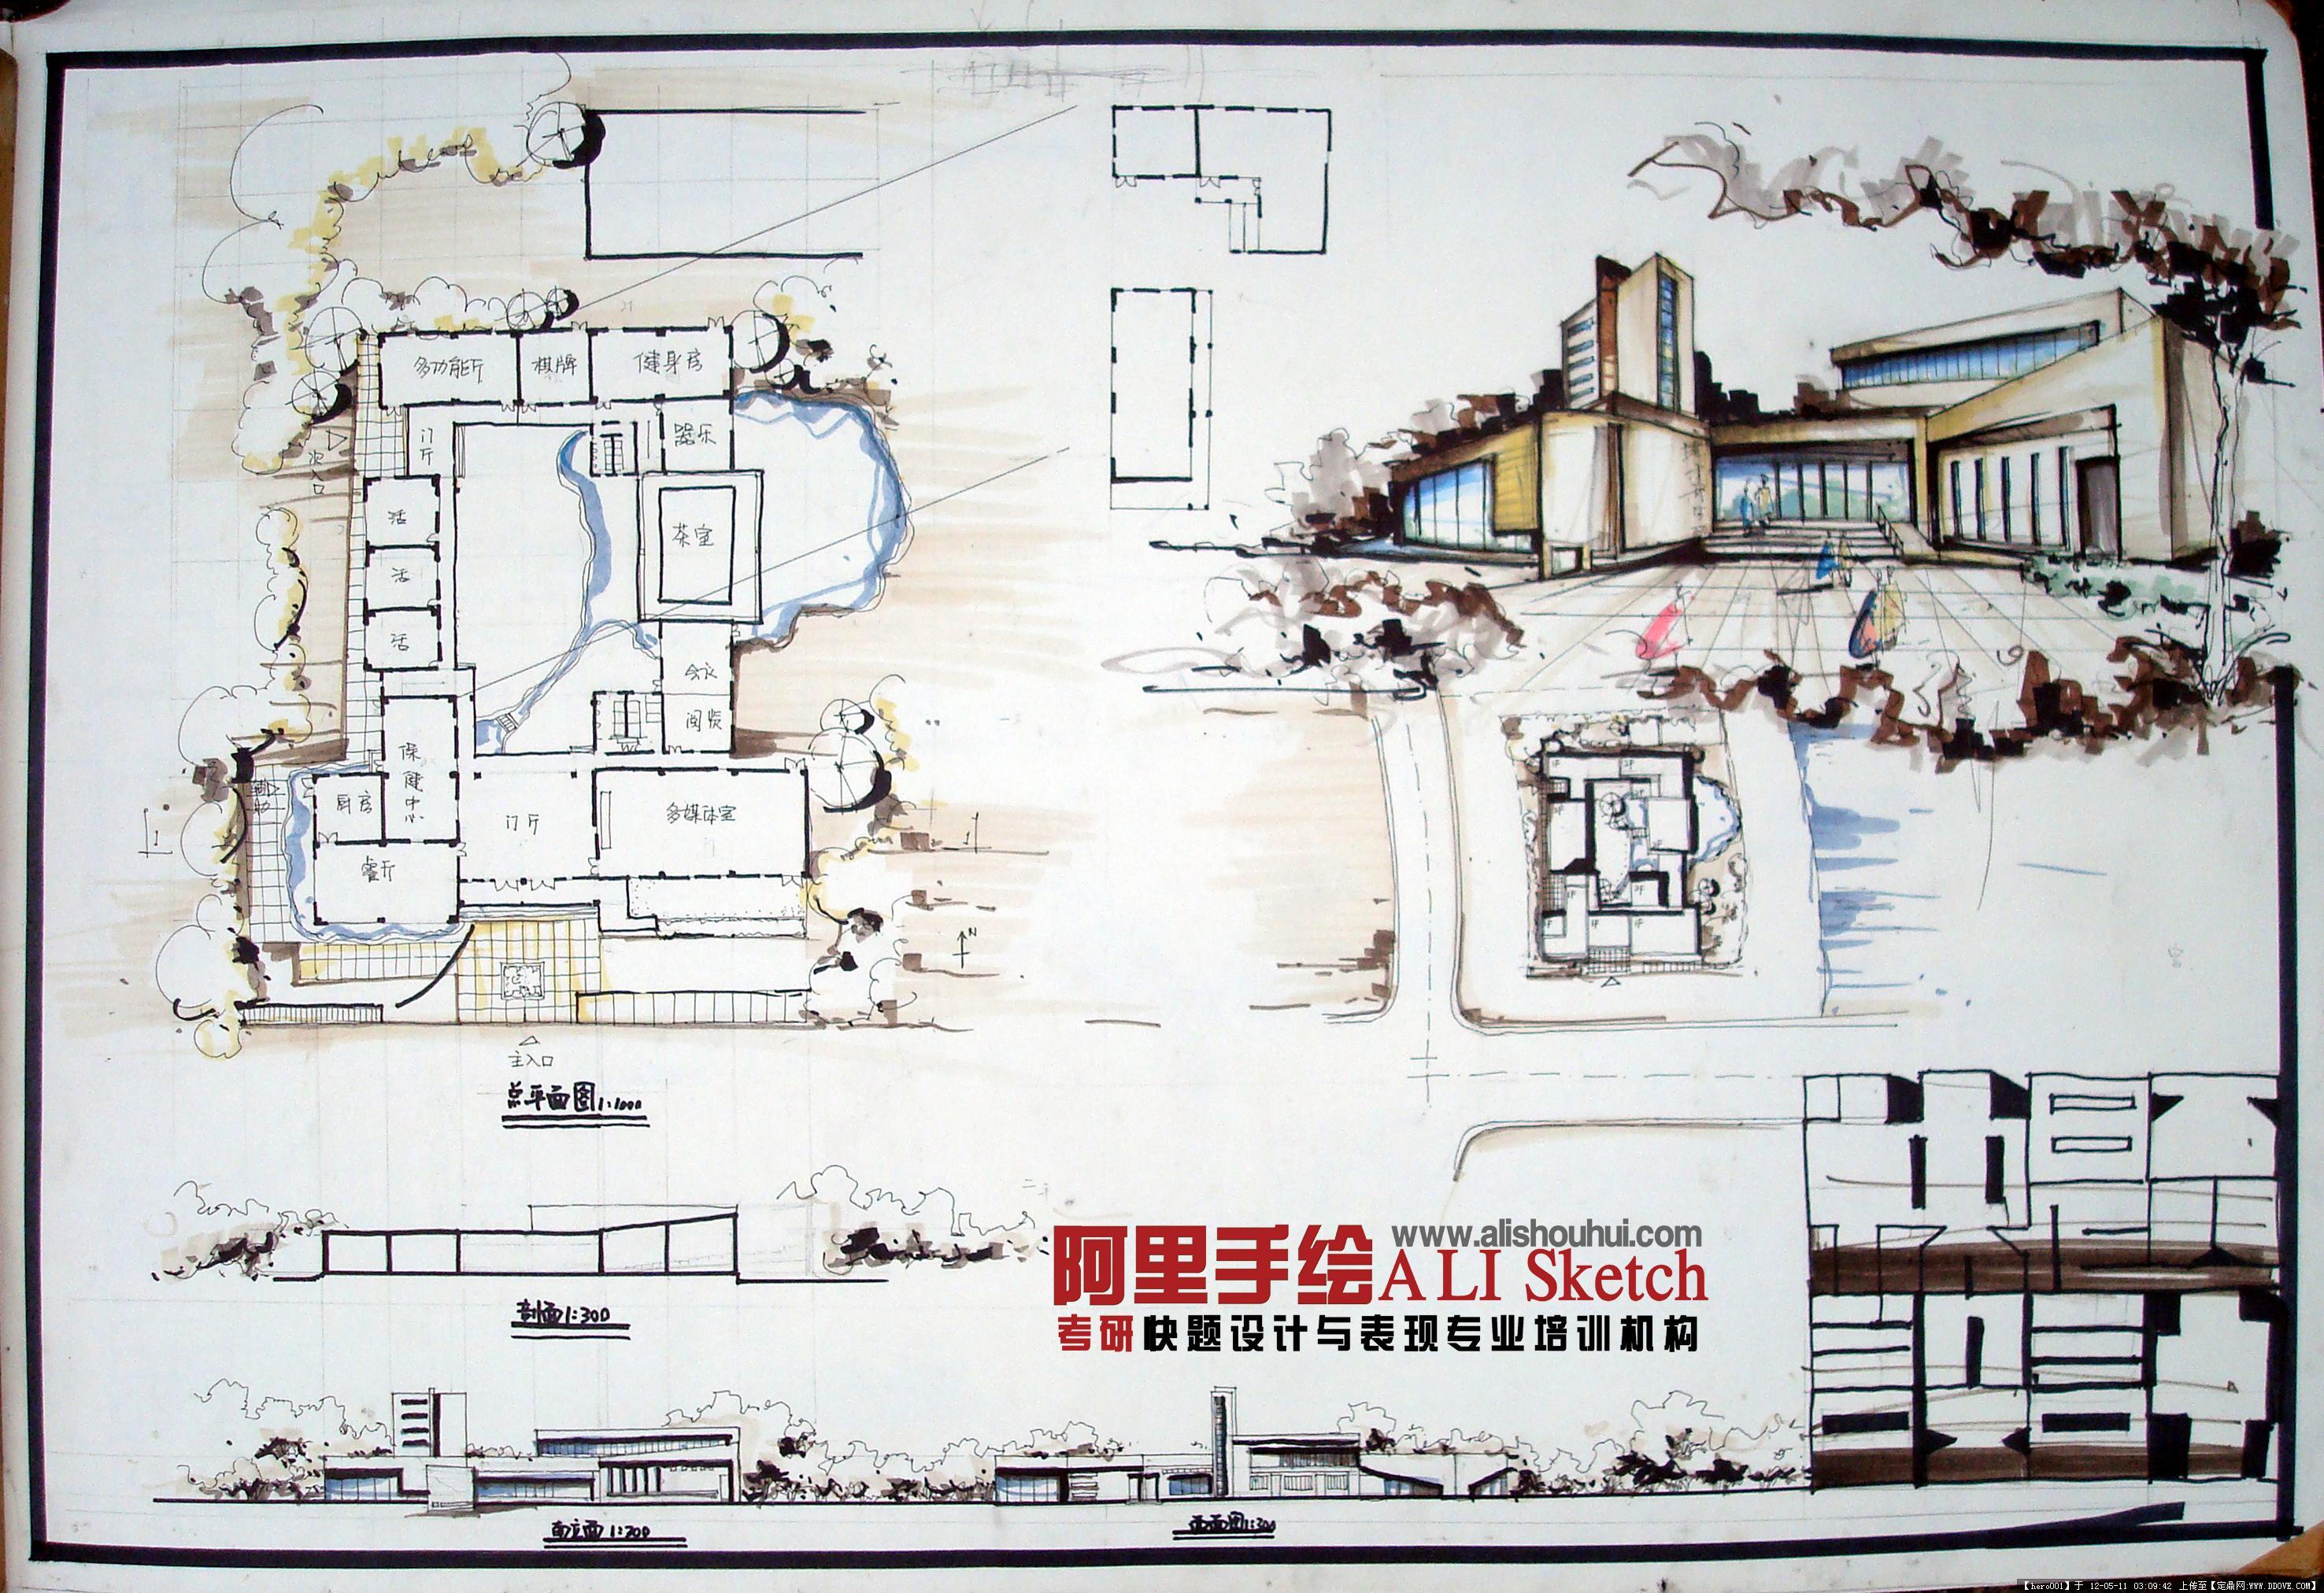 阿里手绘建筑快题 (9); 建筑快题手绘效果图图片展示_建筑快题手绘